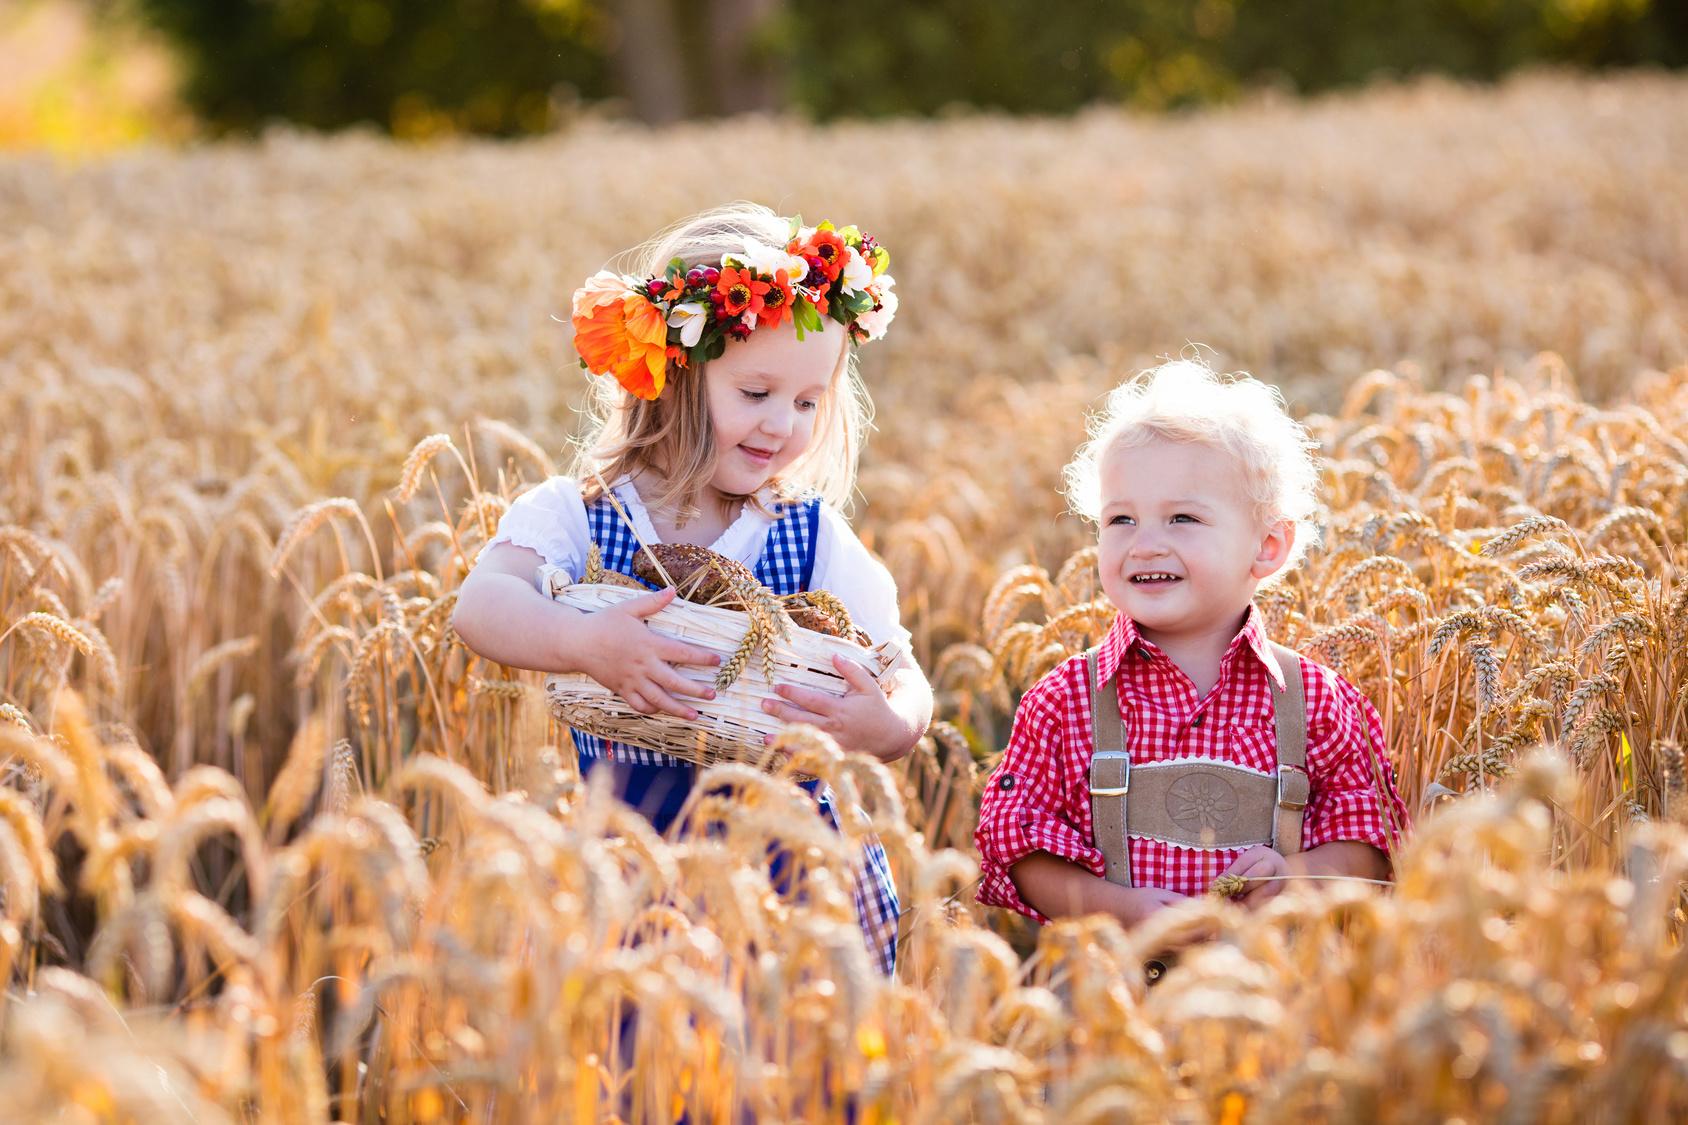 Kinder im Getreidefeld